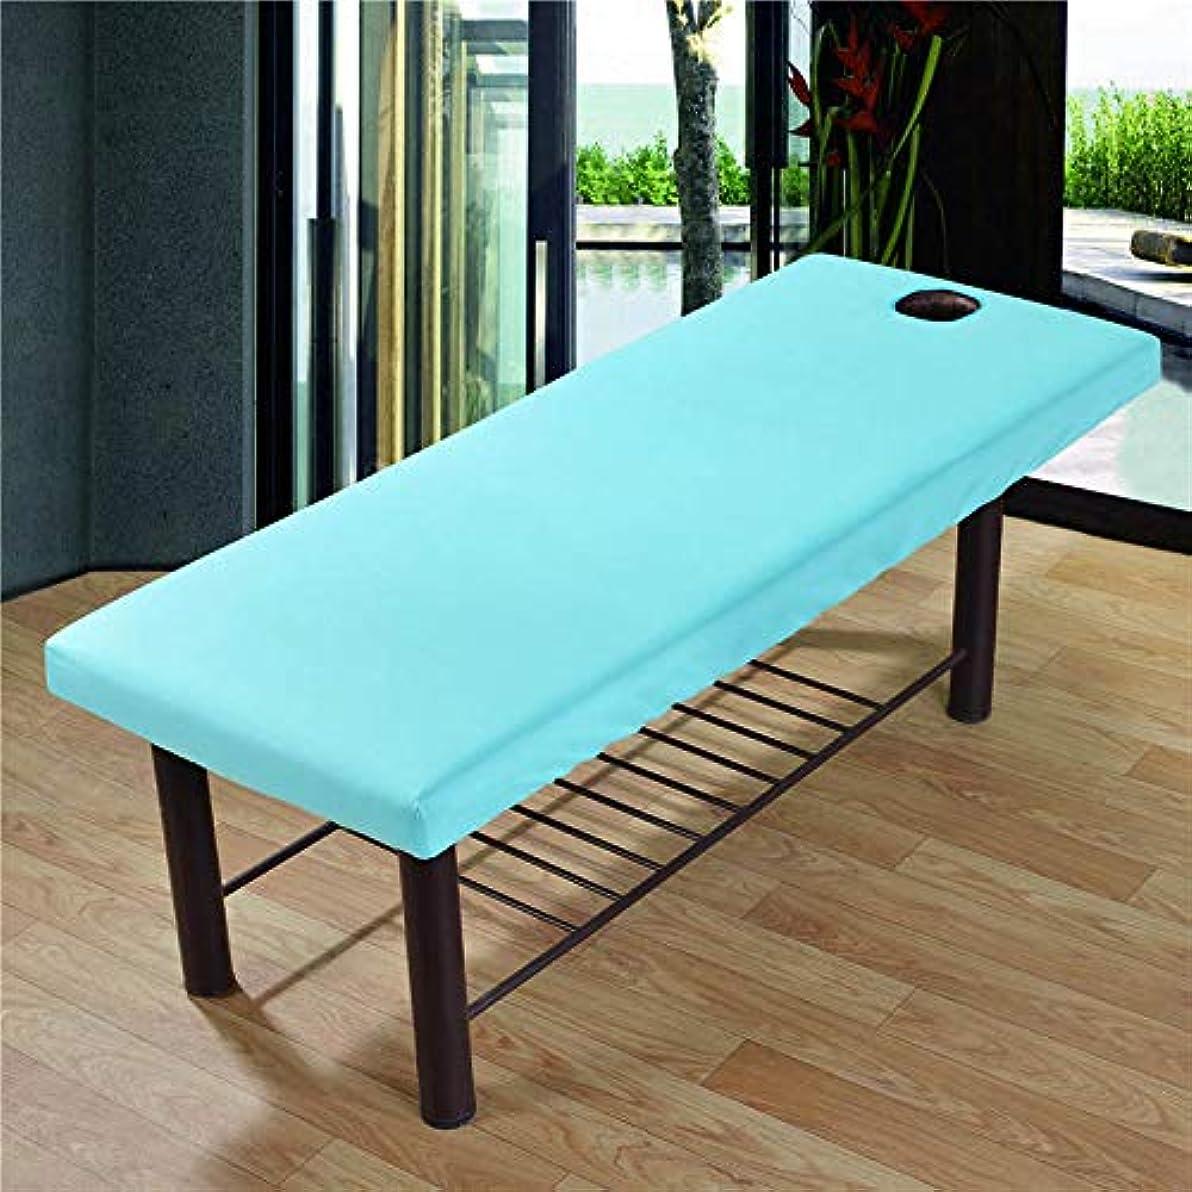 後ろ、背後、背面(部カフェ退屈Profeel 美容院のマッサージ療法のベッドのための柔らかいSoliod色の長方形のマットレス